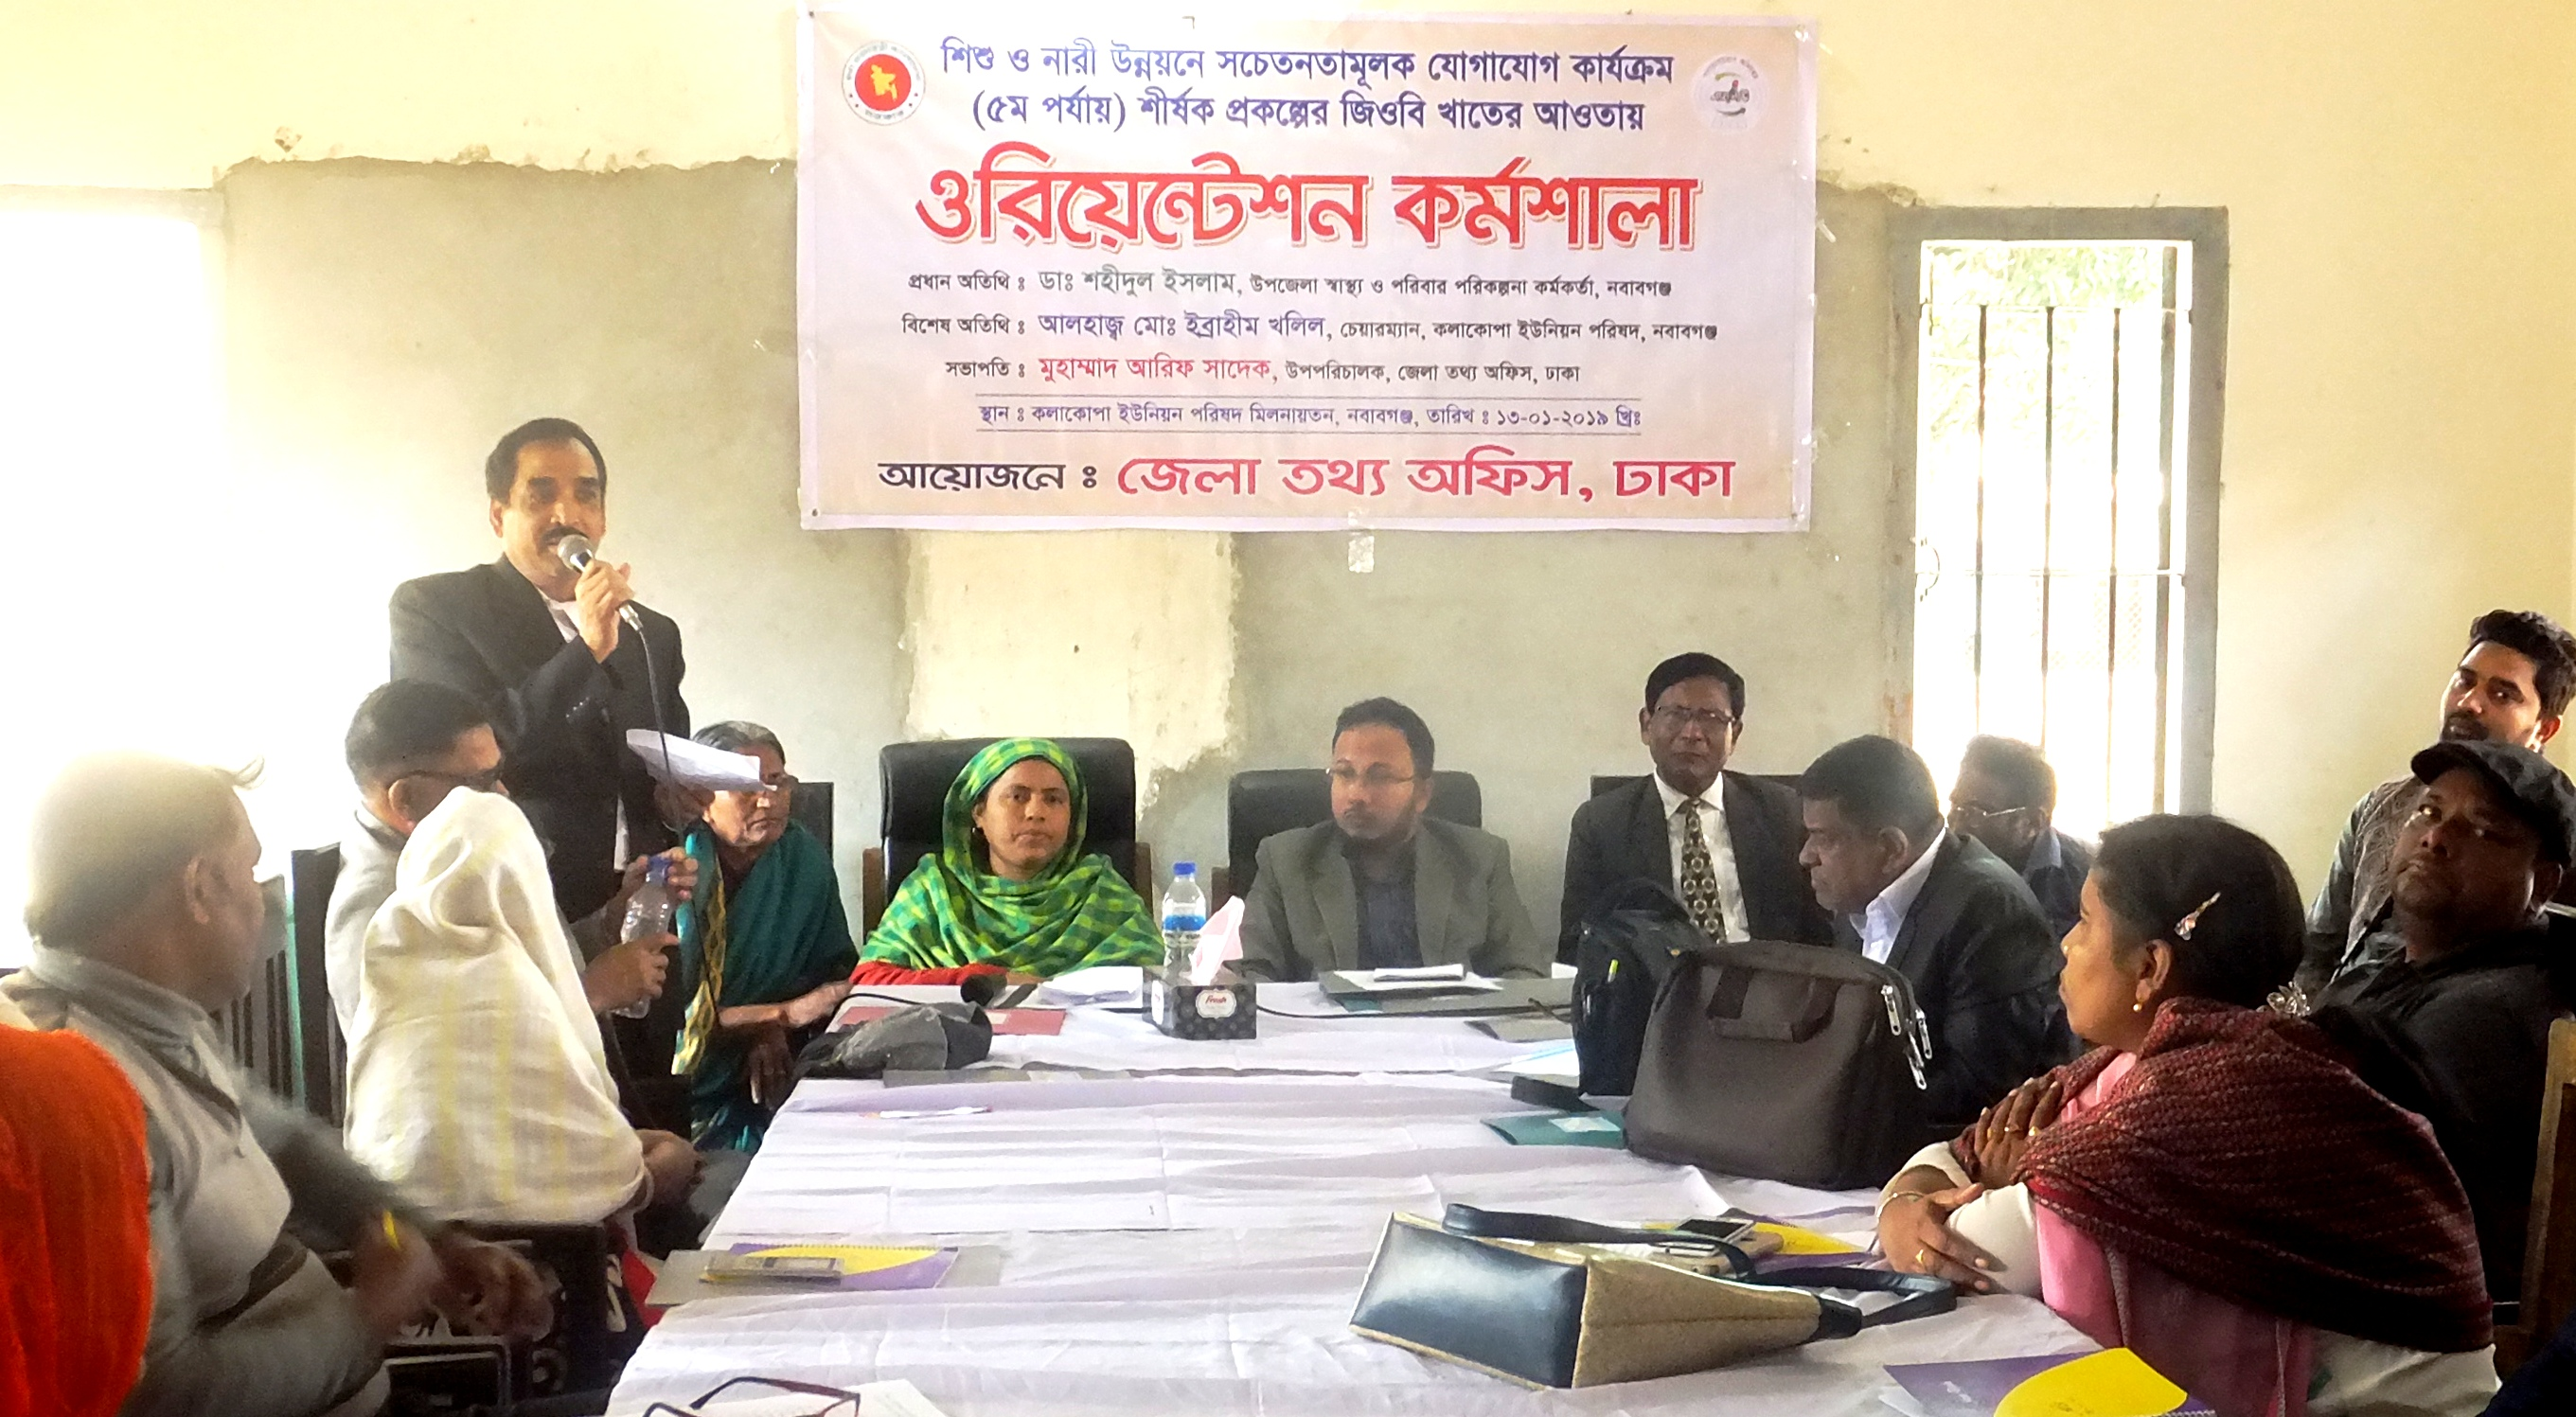 নবাবগঞ্জে শিশু ও নারীর উন্নয়নে কর্মশালা